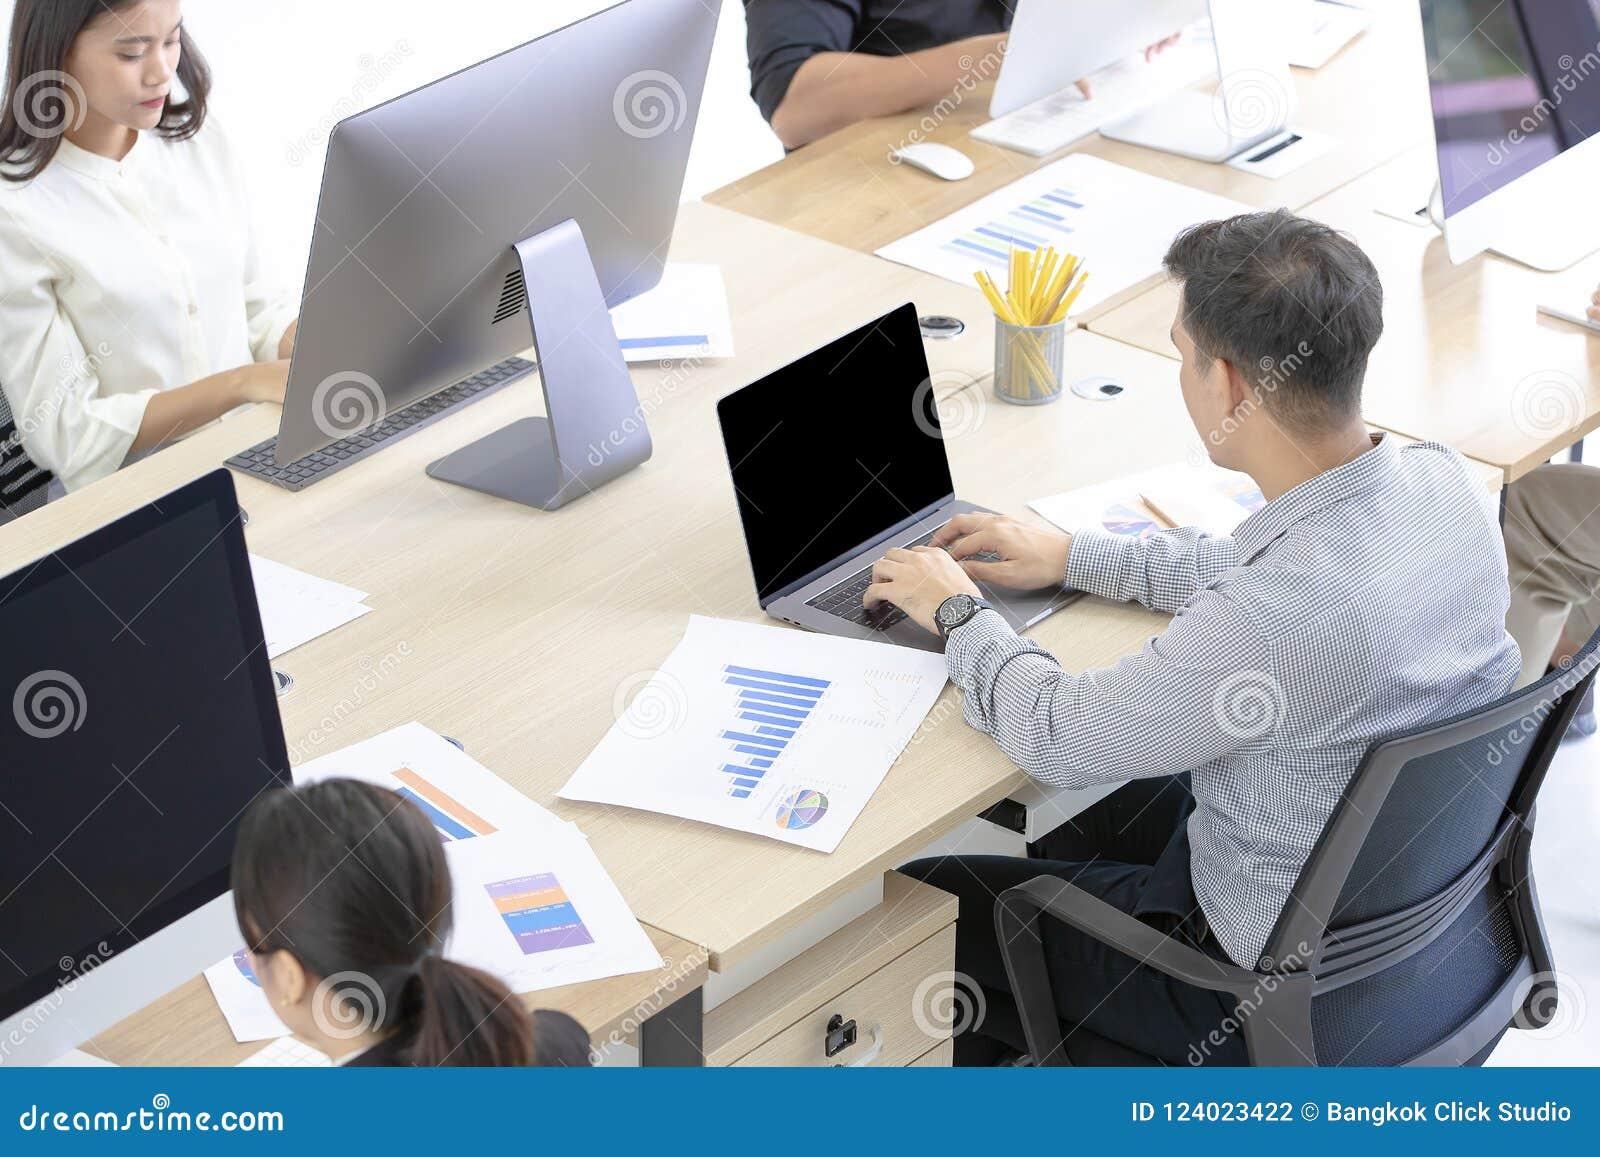 Beaucoup d employés asiatiques sont attentifs sur travailler avec les ordinateurs modernes